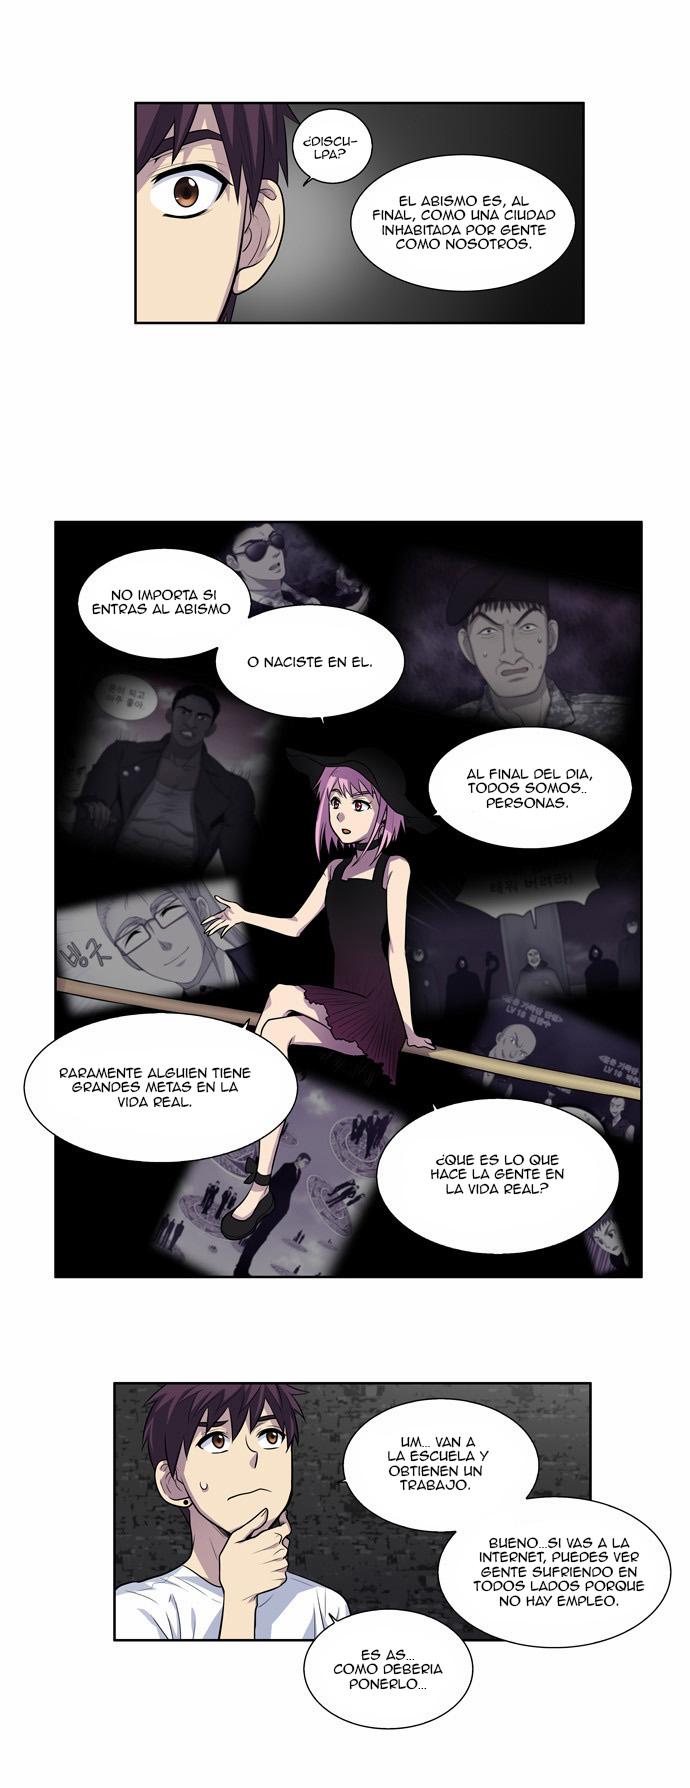 http://c5.ninemanga.com/es_manga/61/1725/416522/8d2319b81e276feccb1fef2c93c65954.jpg Page 20